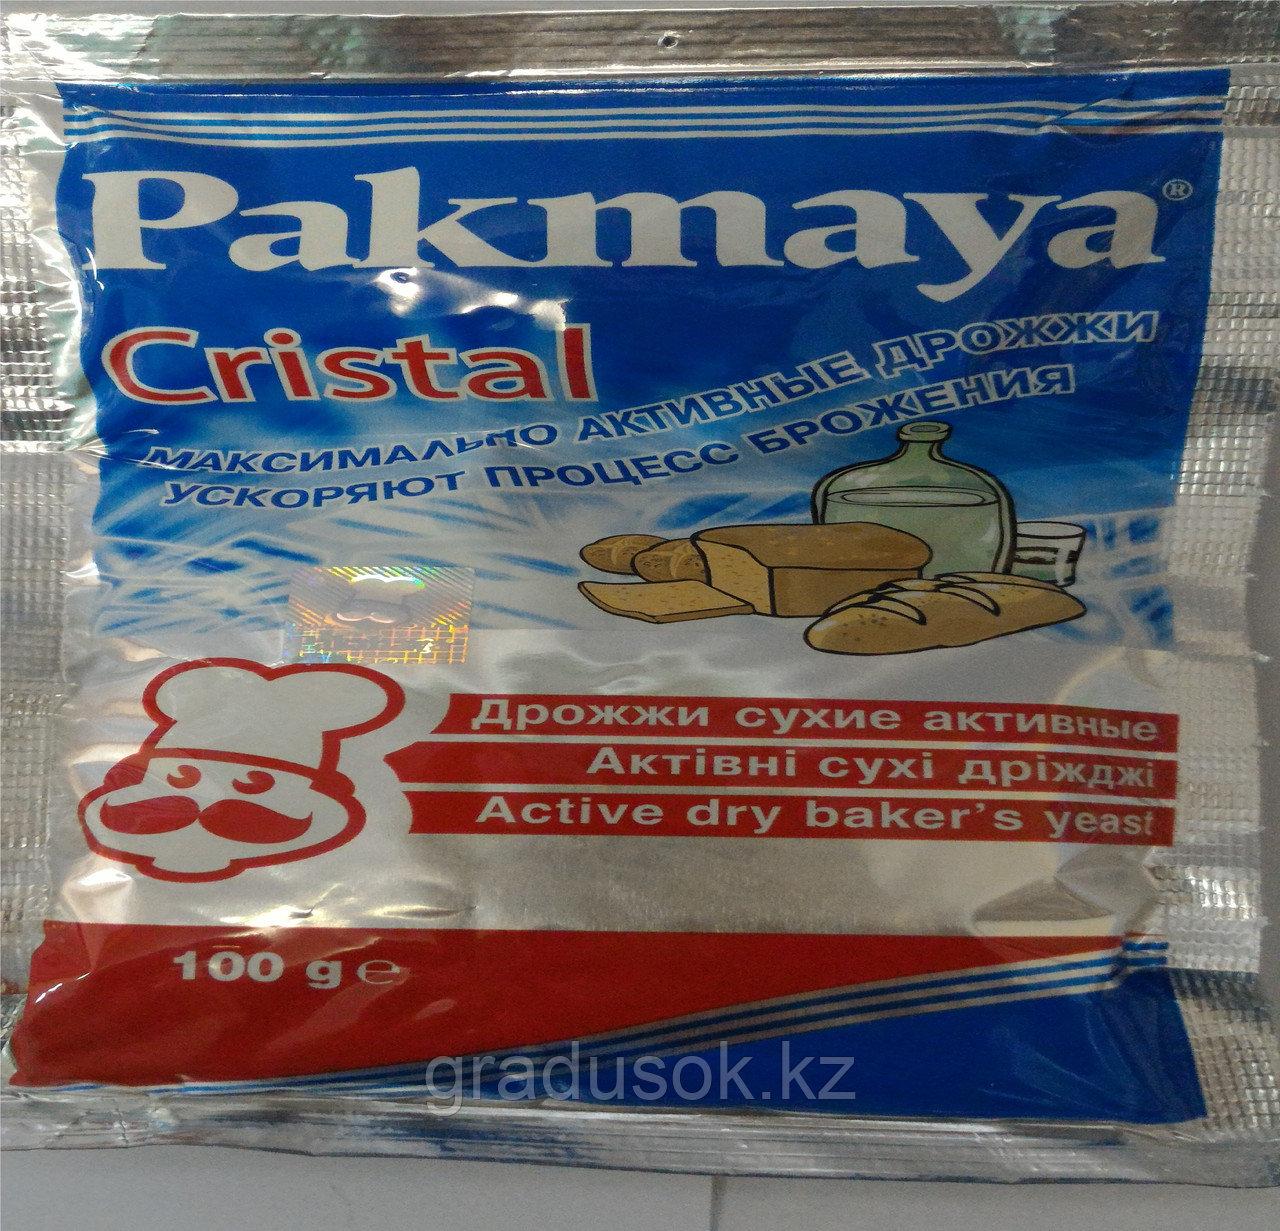 Дрожжи винные Pakmaya Cristal